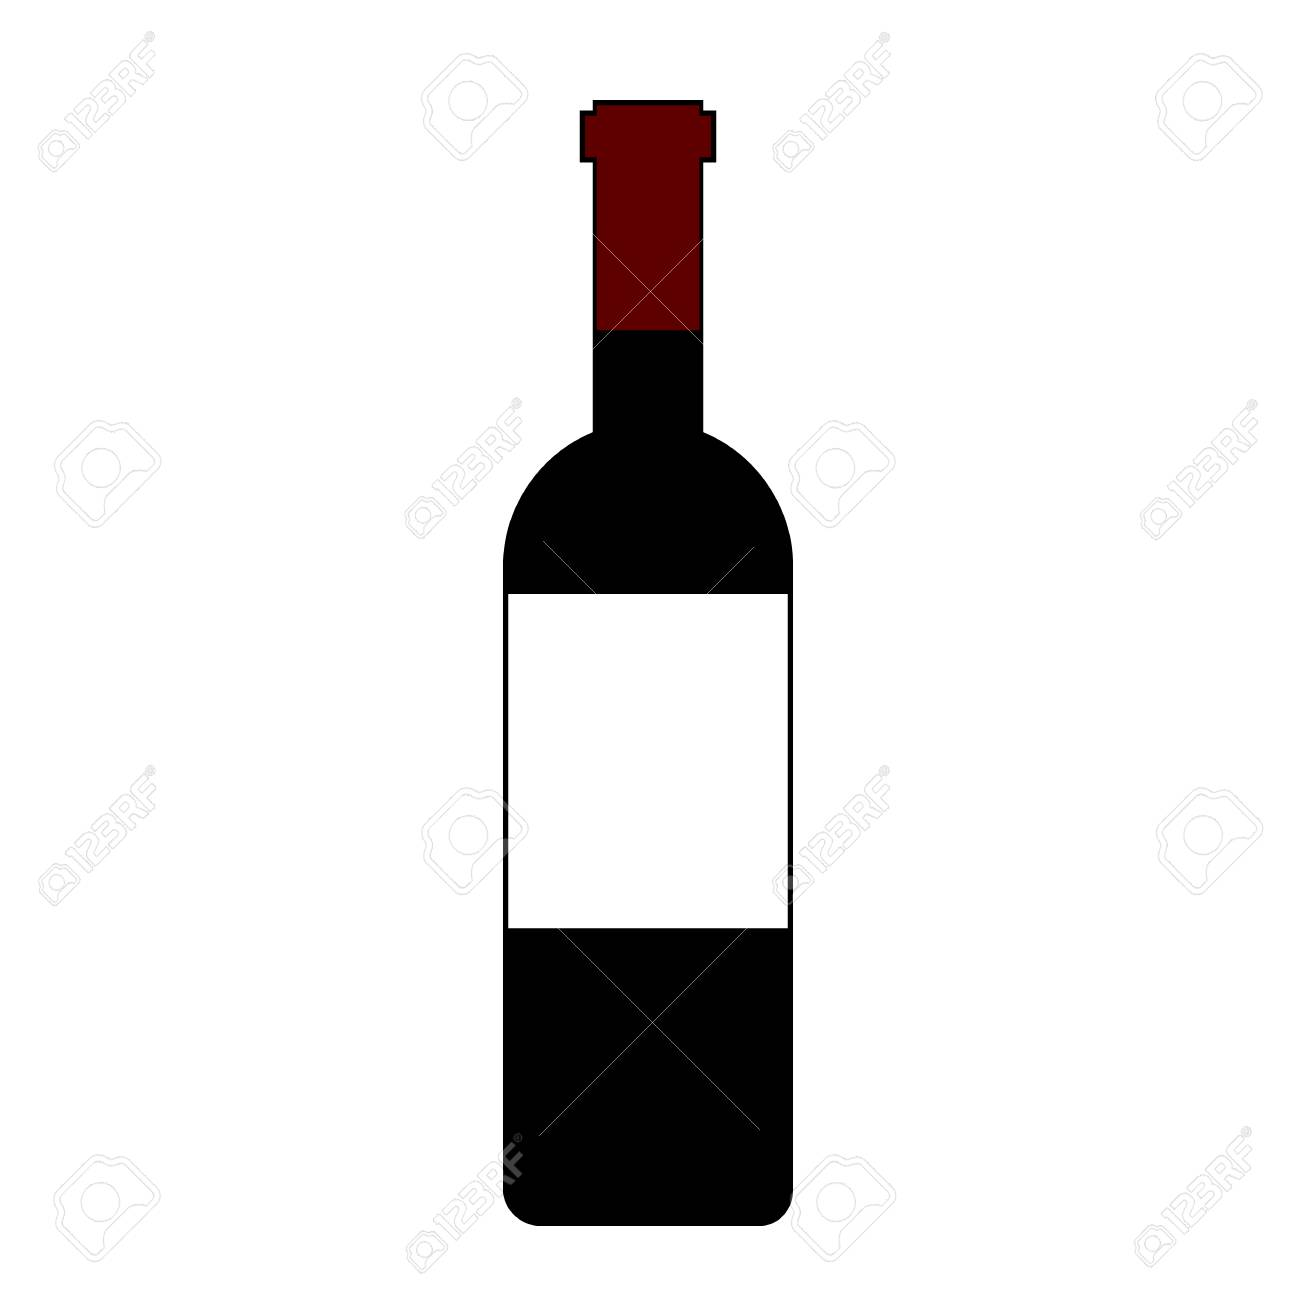 Icône de bouteille de vin rouge isolé